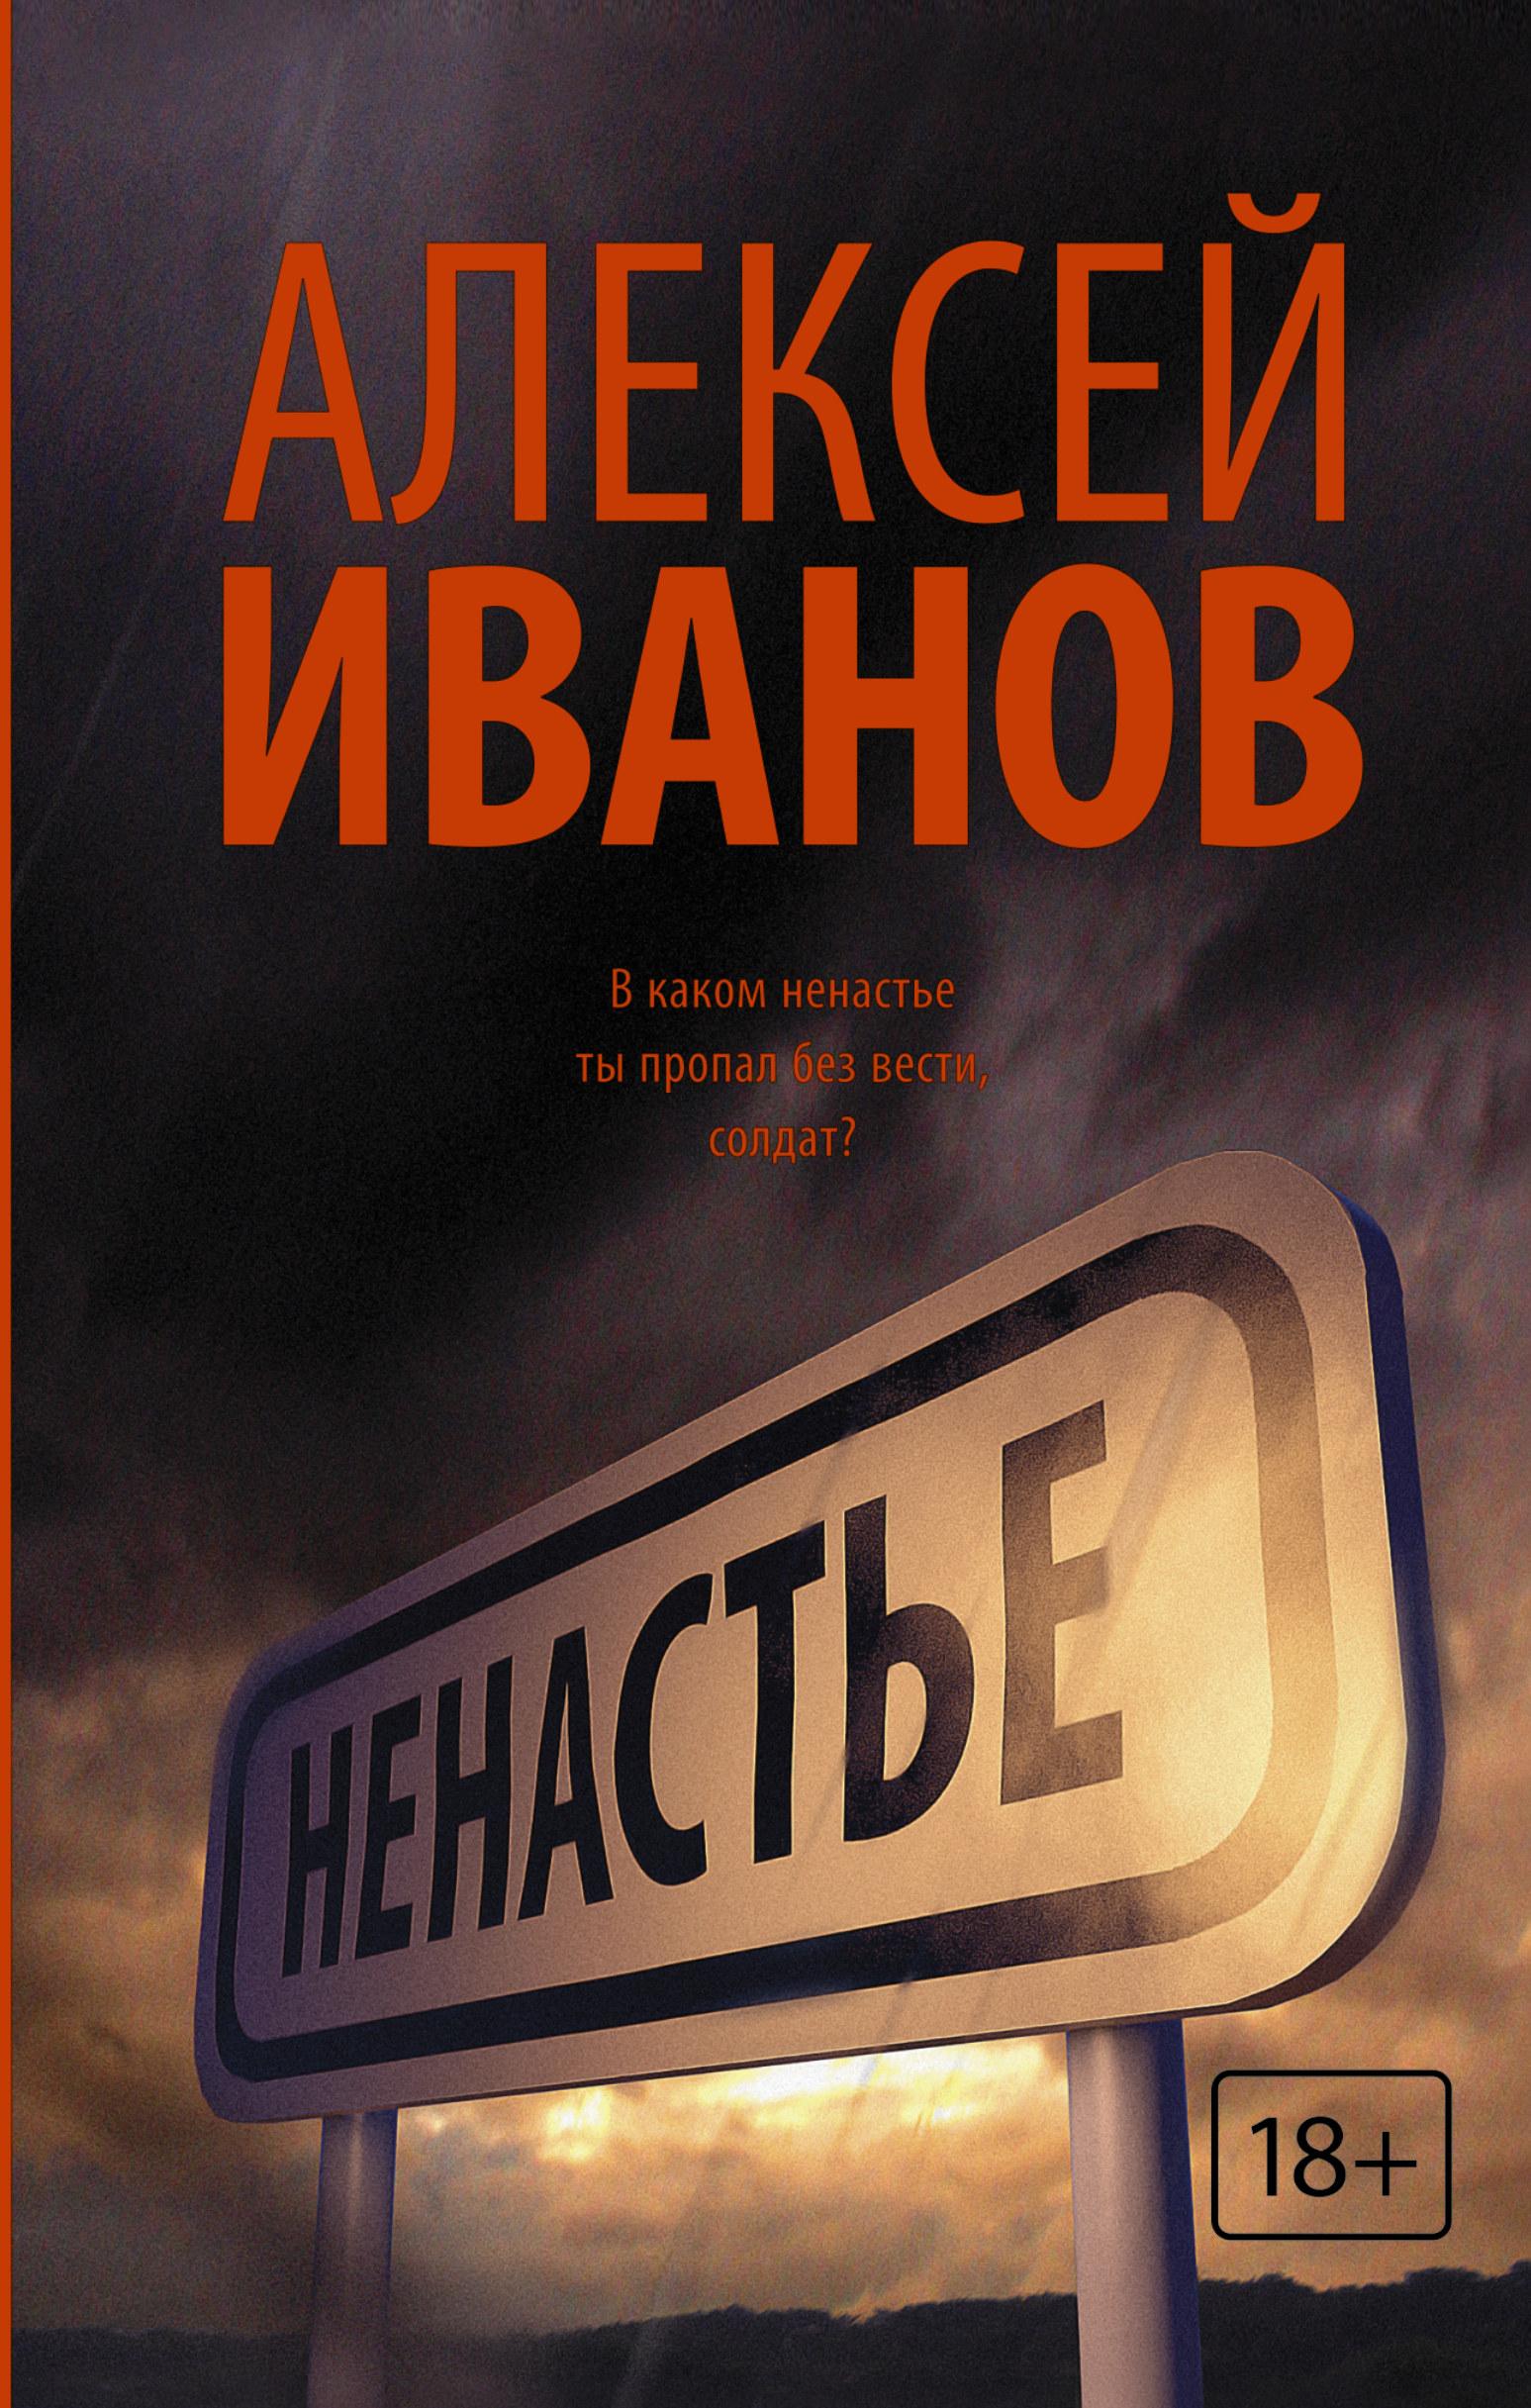 Zakazat.ru: Ненастье. Алексей Иванов